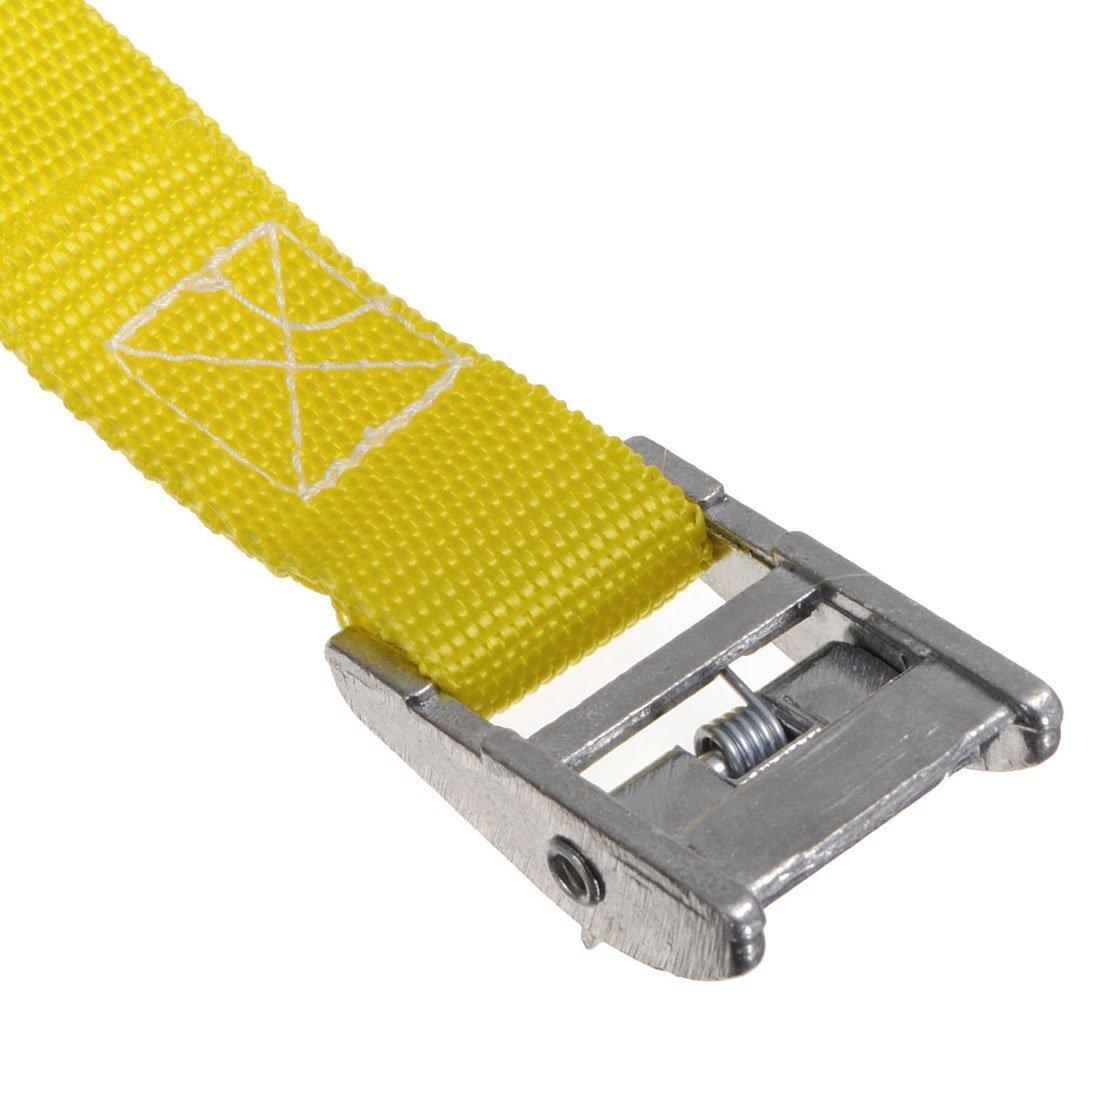 lujiaoshout 4 PCS de Nylon Correas de Equipaje Estante Ajustable Coche Cinturones de Seguridad de Embalaje de Equipaje Correas con Hebilla de Metal Color al Azar